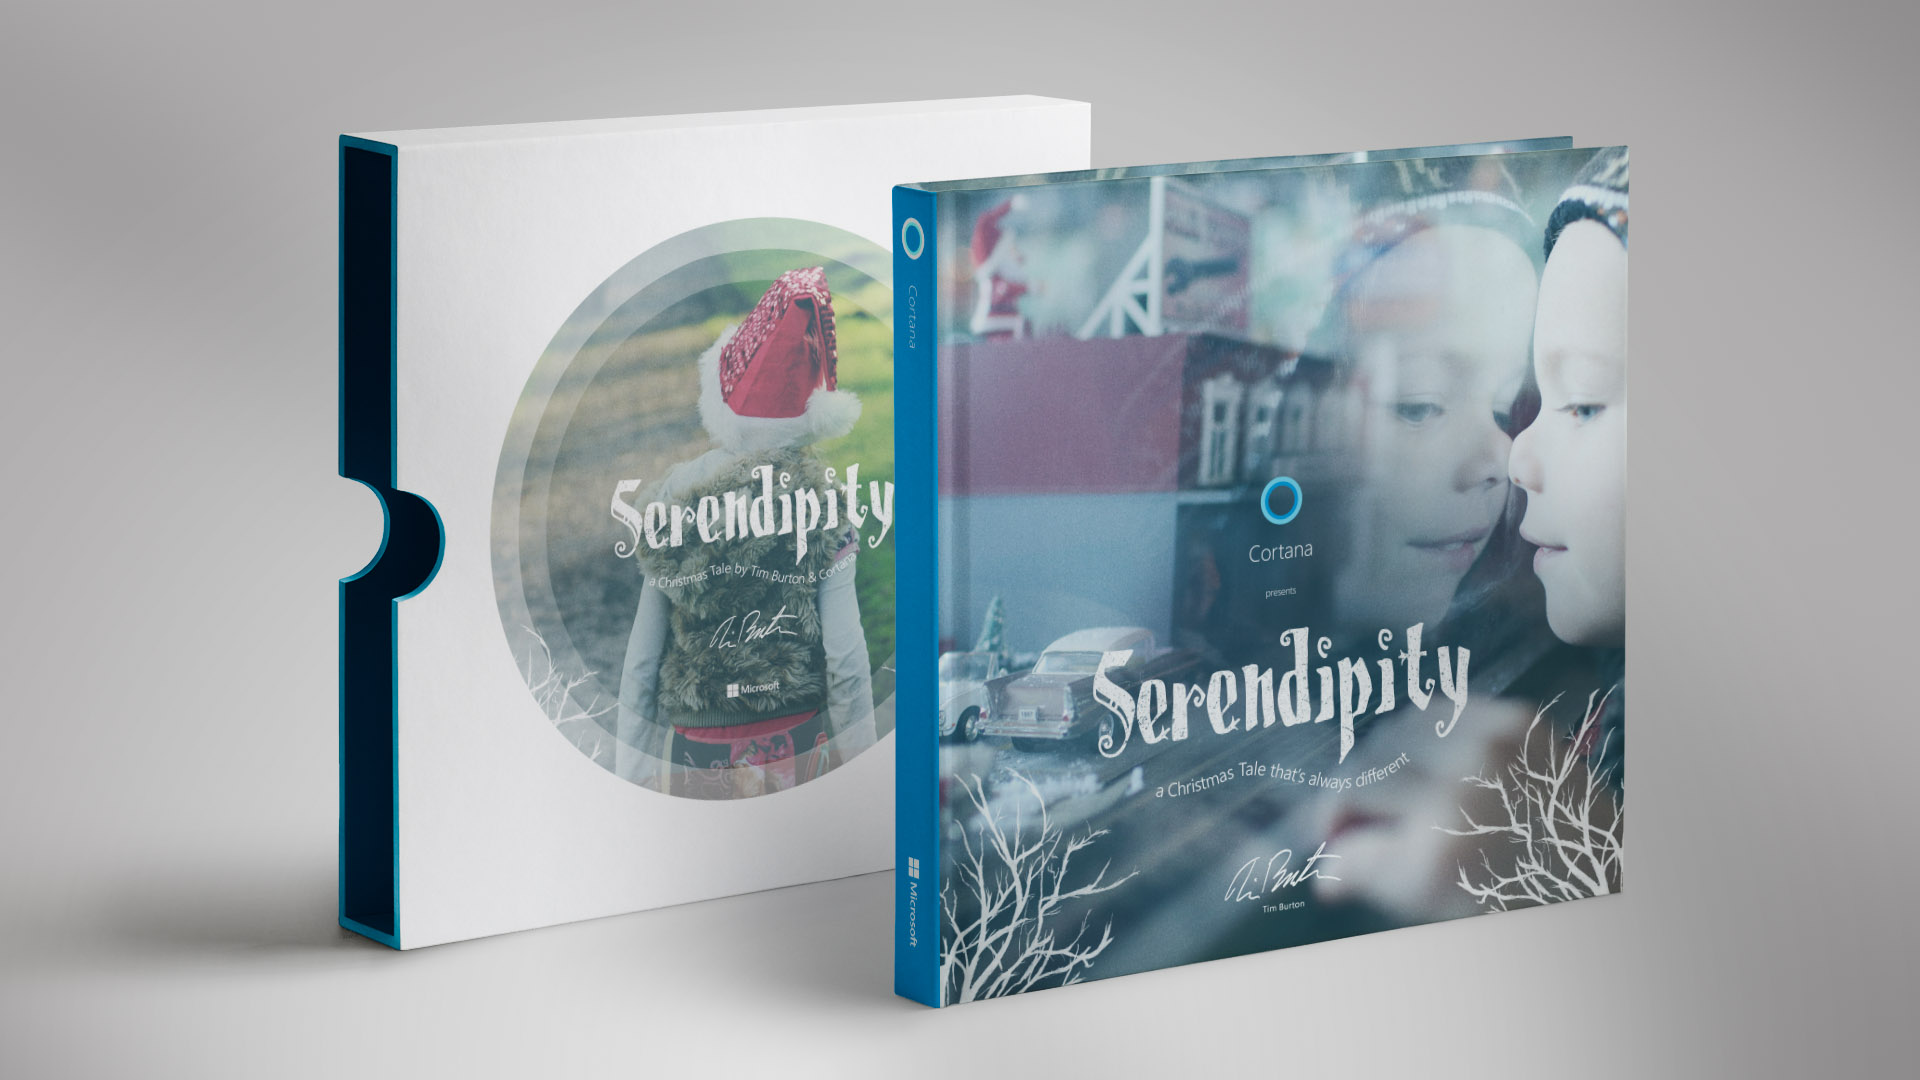 cortana-serendipity-libro-001a